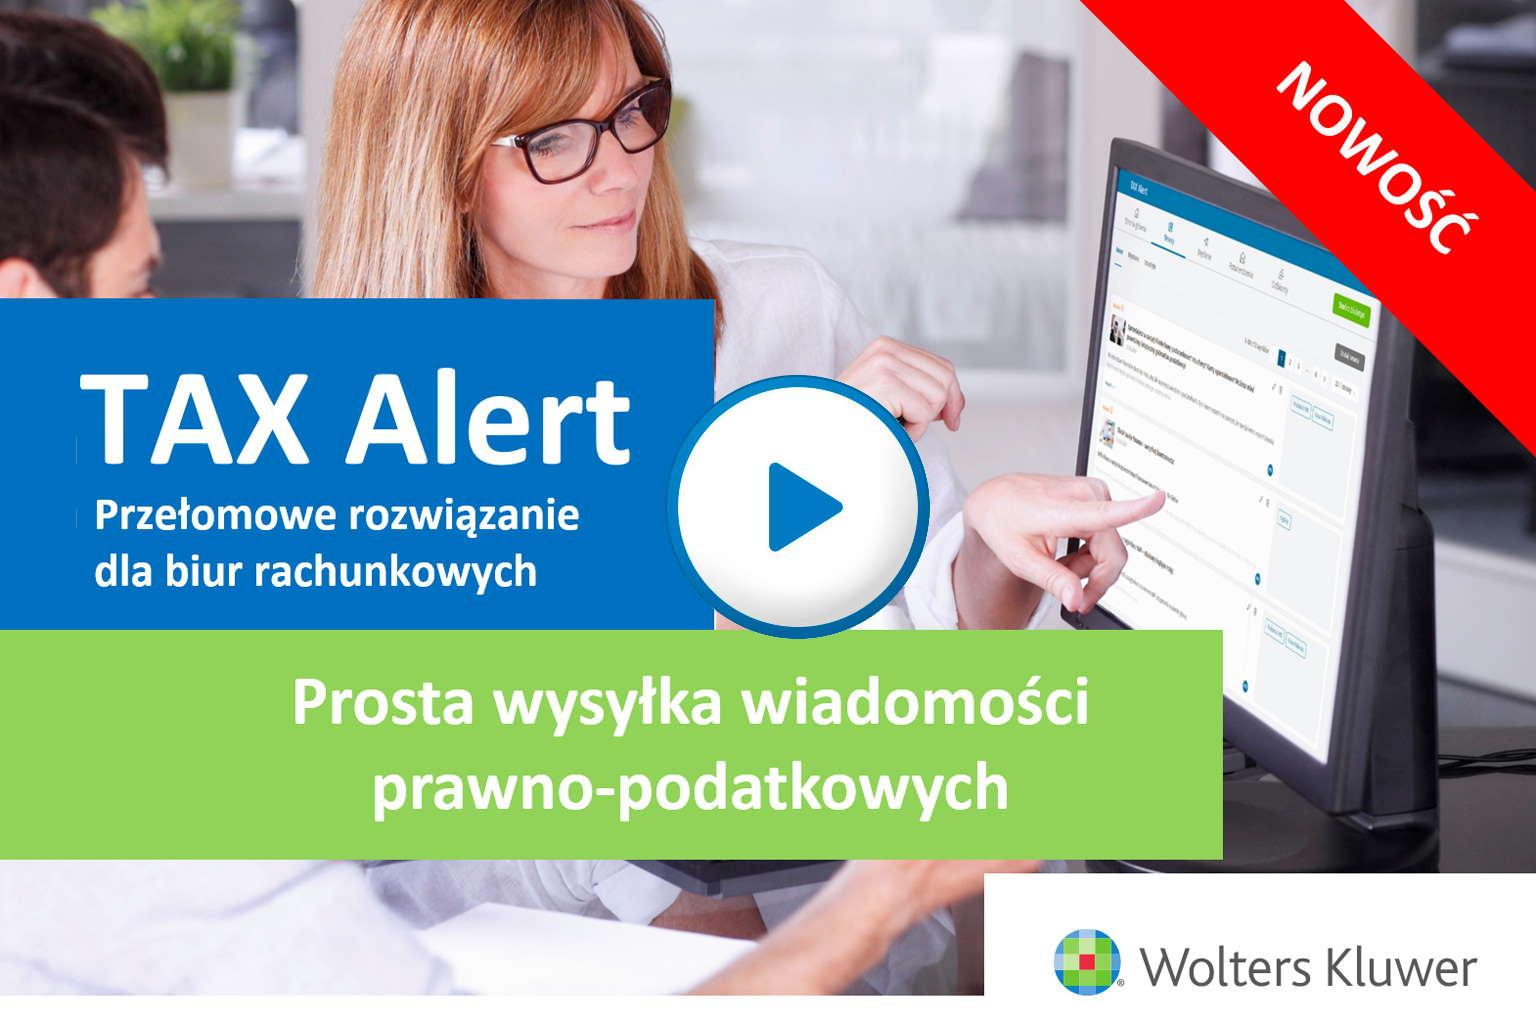 TAX Alert, film promocyjny